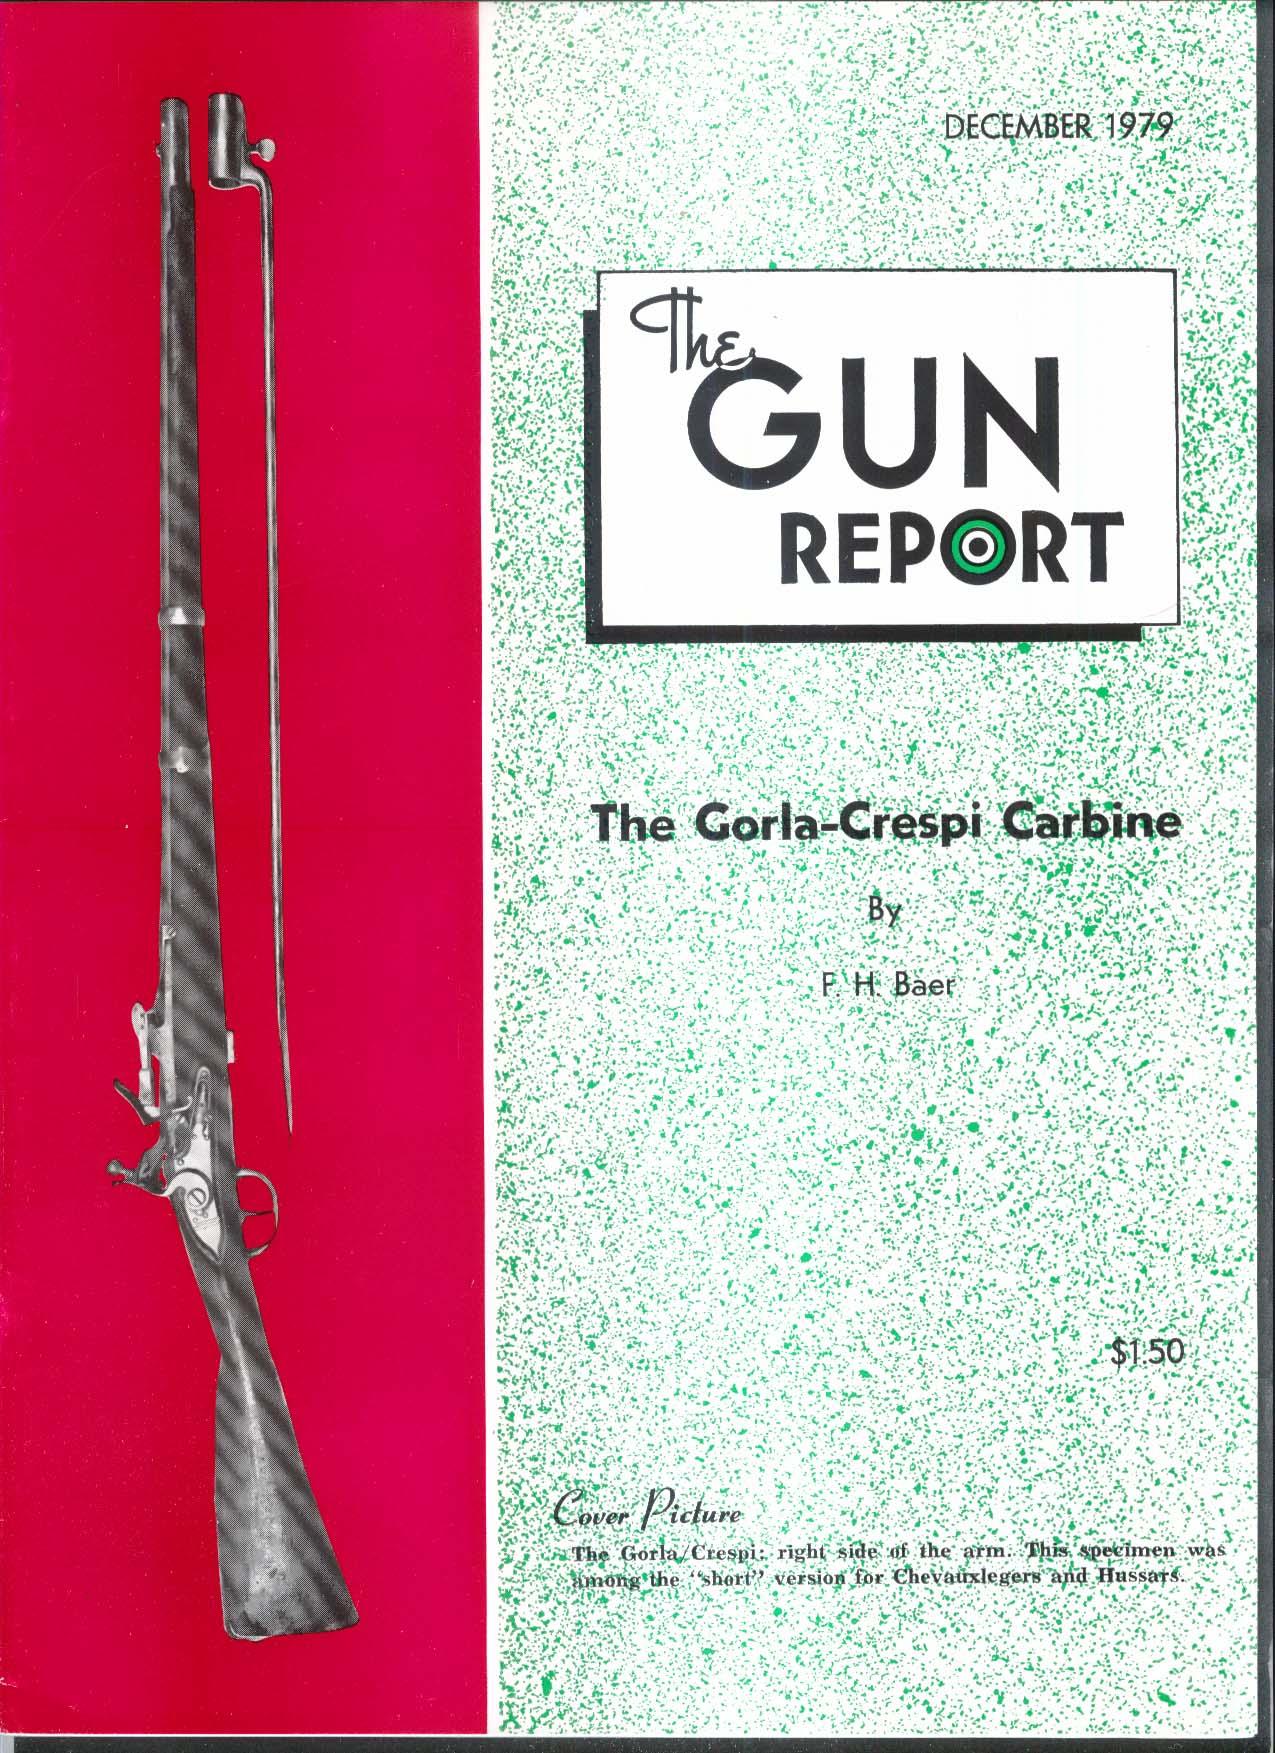 GUN REPORT Gorla-Crespi Carbine Walker-Colt 44 Dick Hickman Prescott + 12 1979